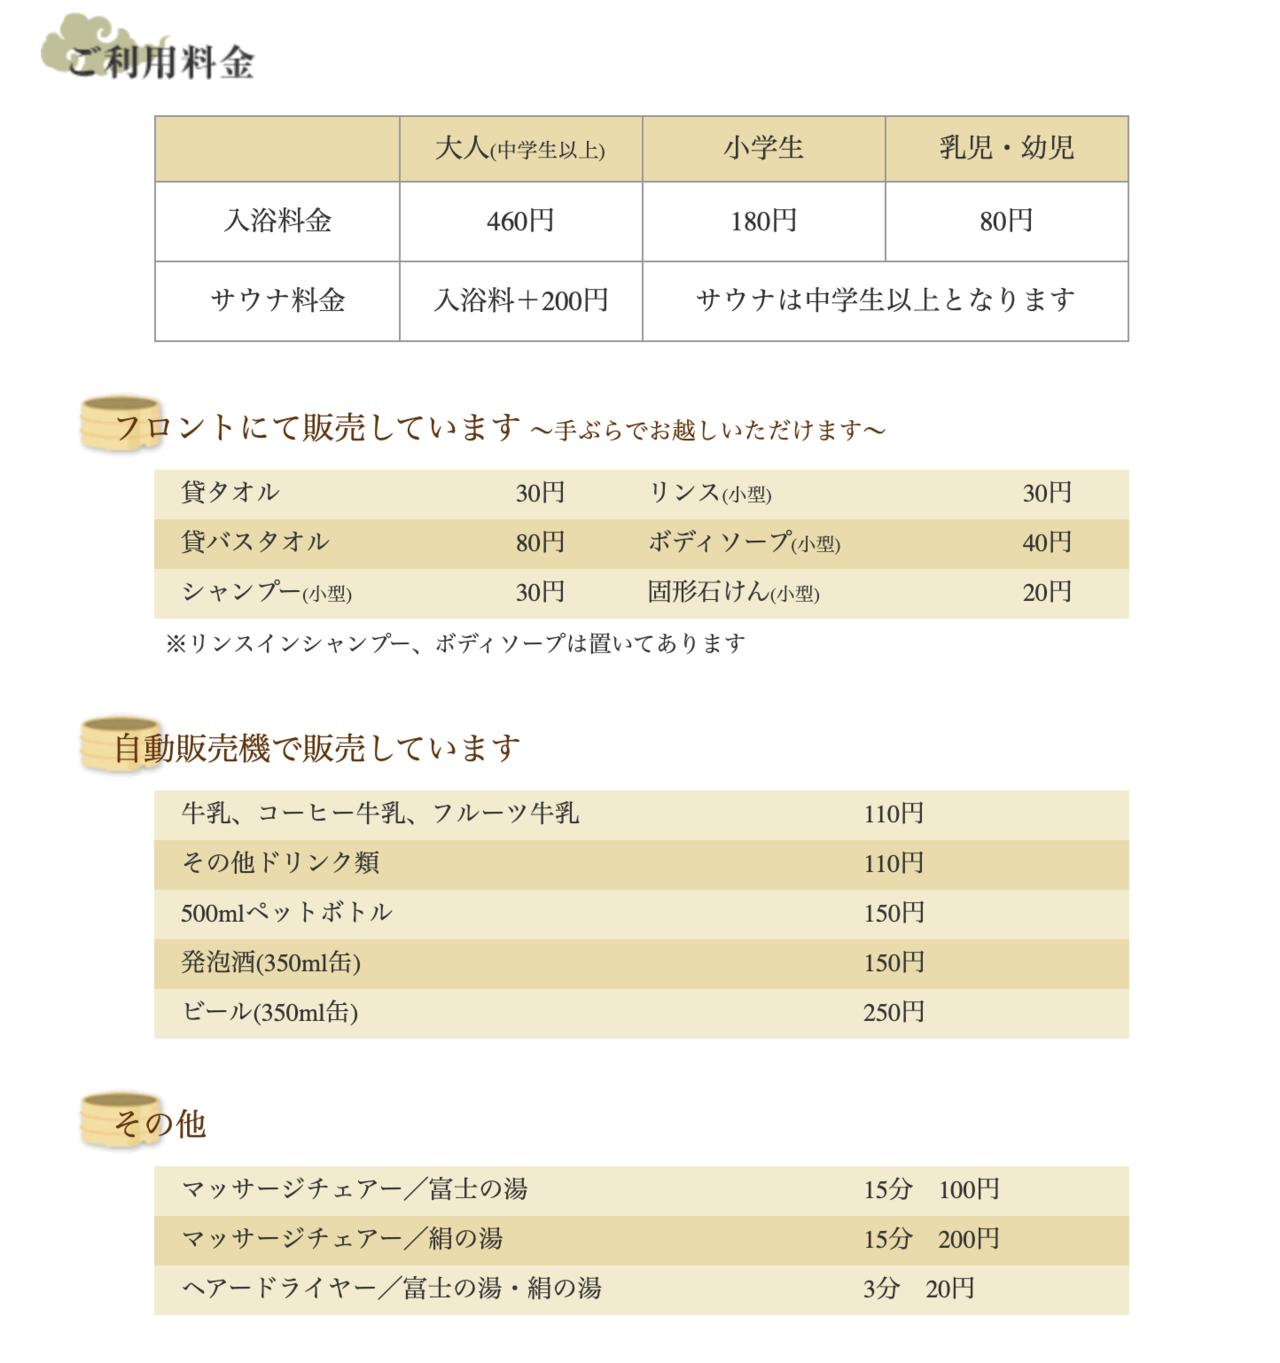 スクリーンショット 2019-12-11 0.42.42